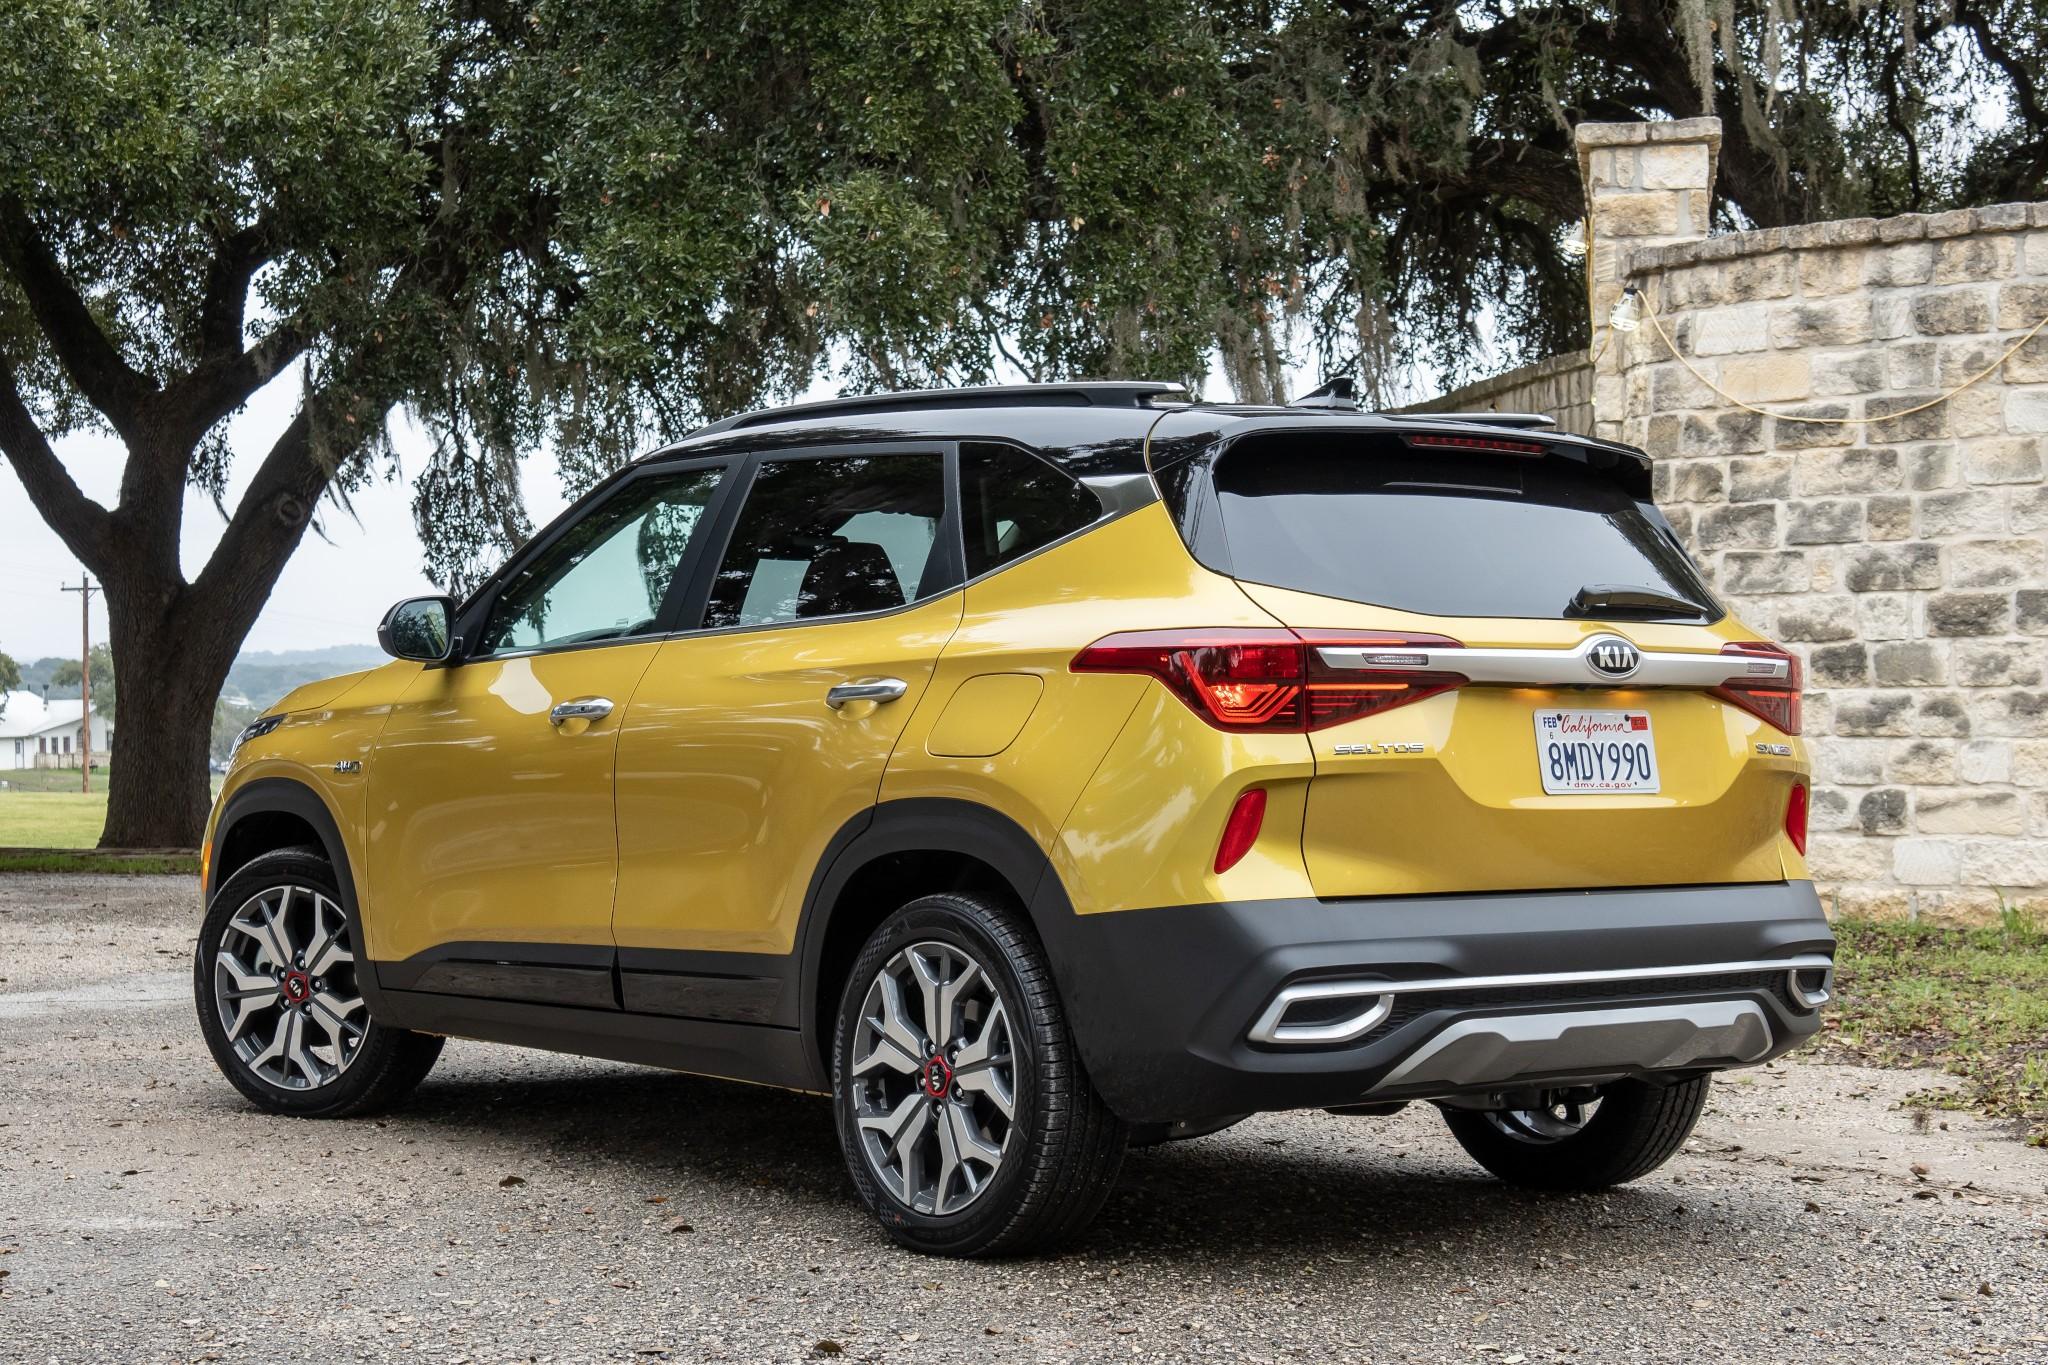 kia-seltos-2021-15-angle--exterior--gold--outdoors--rear.jpg